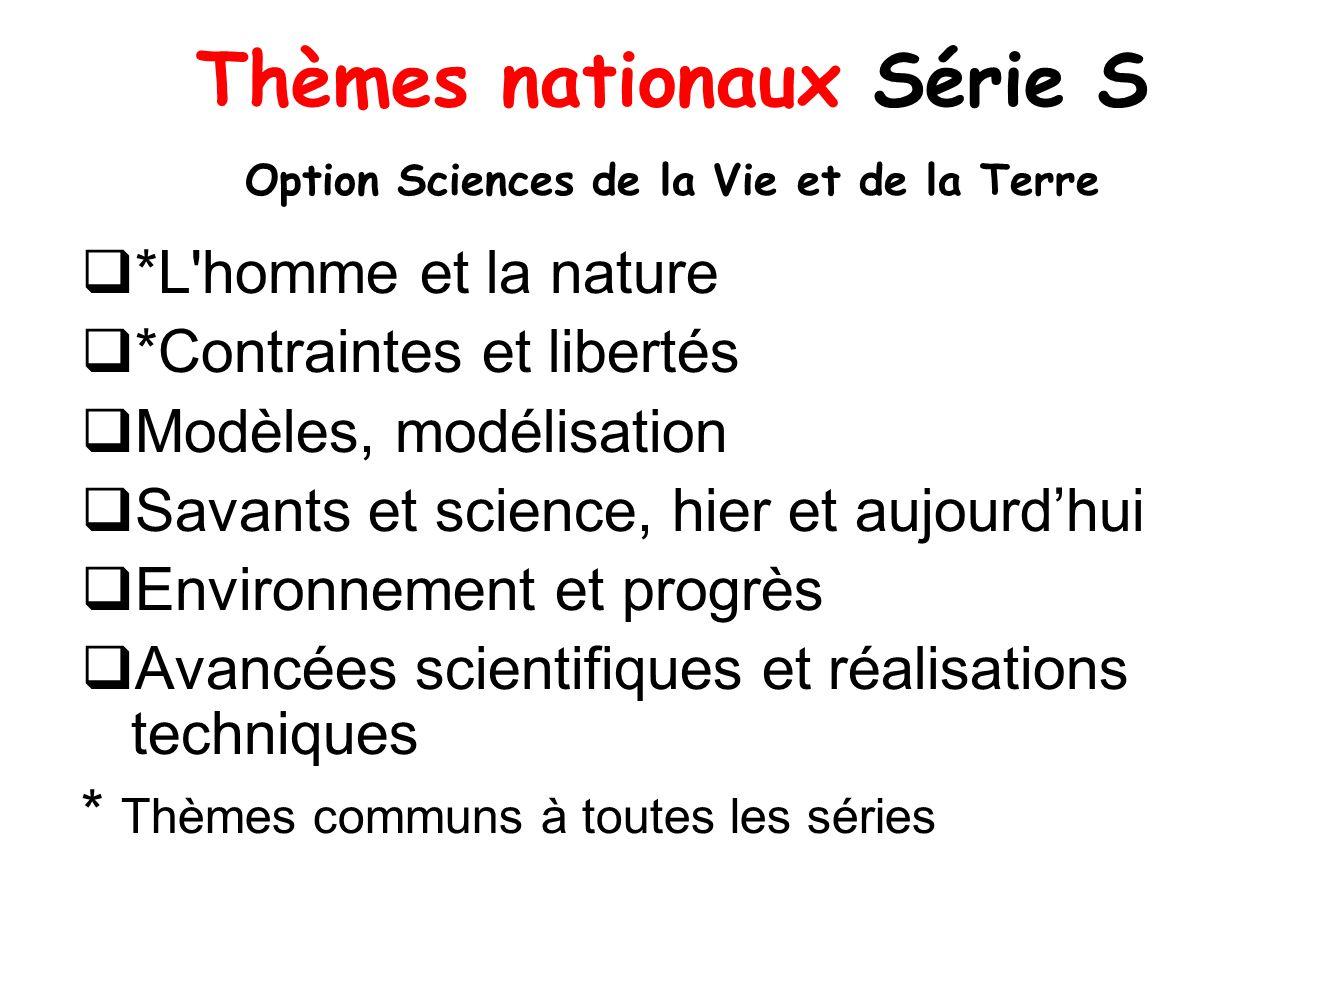 Thèmes nationaux Série S Option Sciences de la Vie et de la Terre *L'homme et la nature *Contraintes et libertés Modèles, modélisation Savants et scie